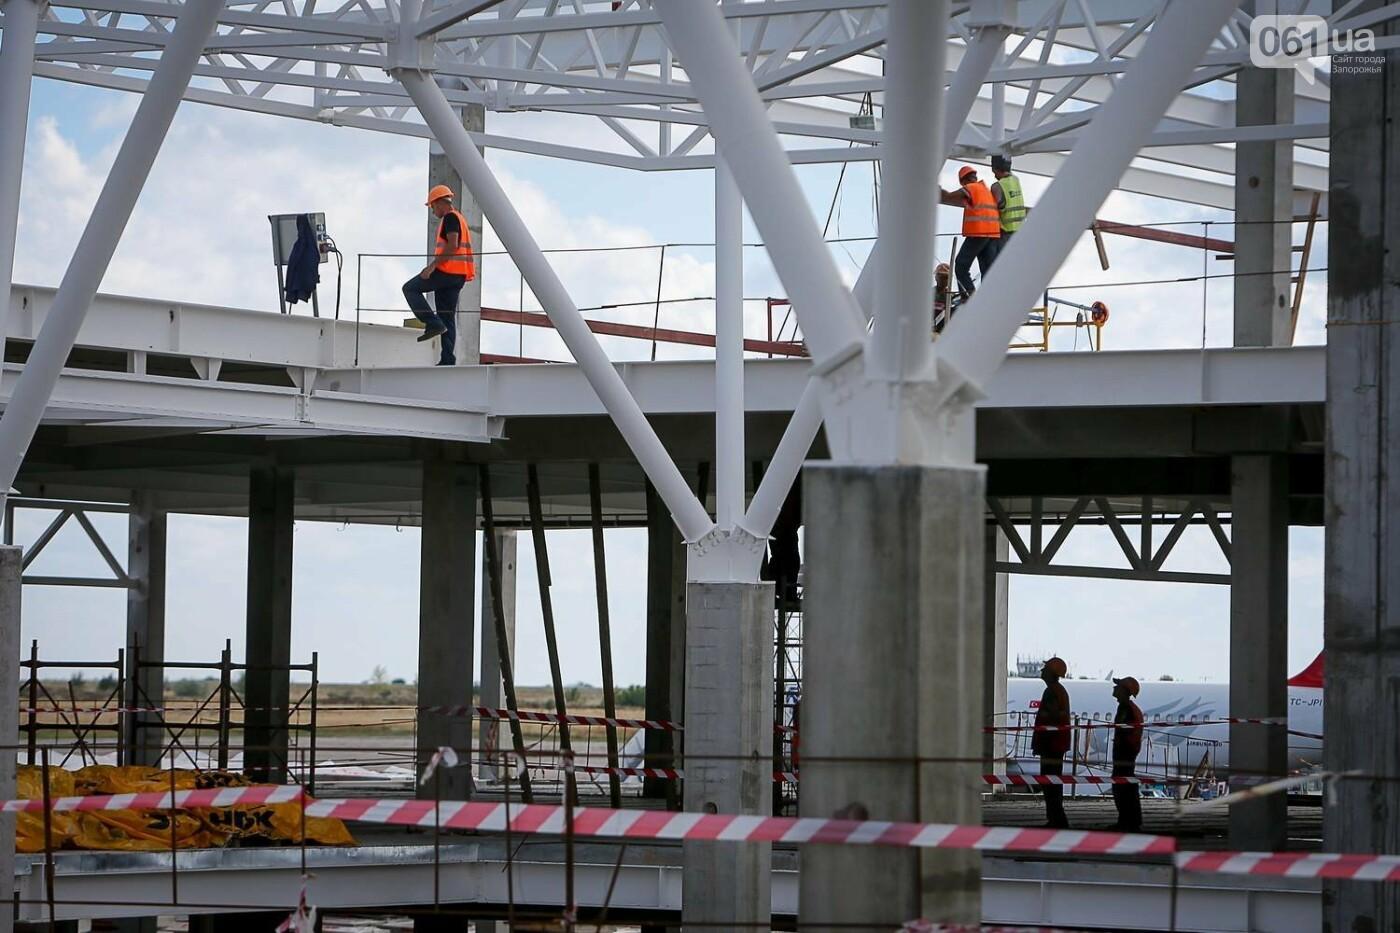 Как идет строительство нового терминала аэропорта Запорожья 8